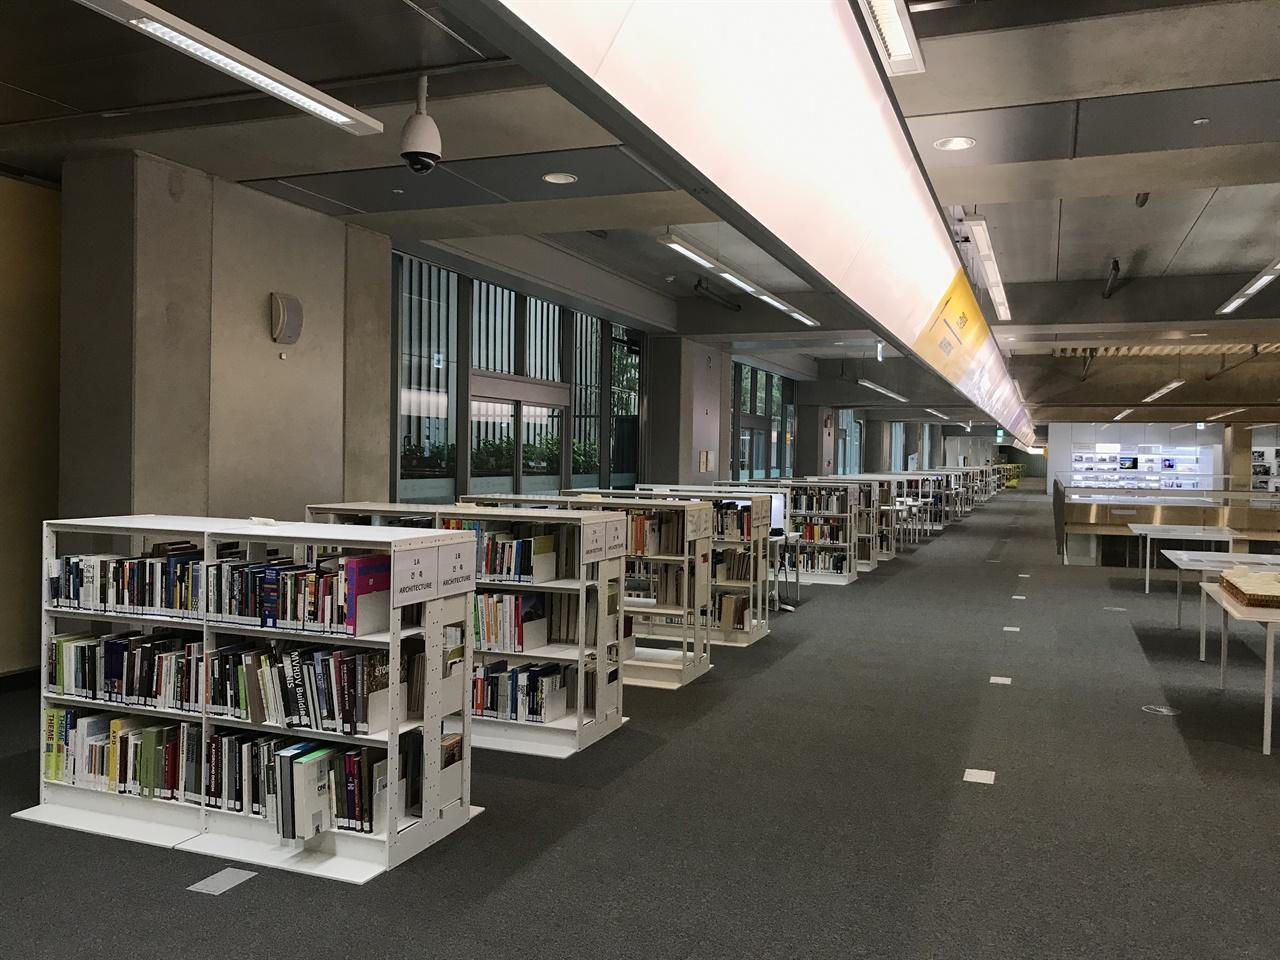 국립아시아문화전당 라이브러리 파크 국립아시아문화전당(ACC) 문화정보원에는 '라이브러리 파크'(Library park)가 있다. 라이브러리 파크는 도서관과 박물관, 아카이브, 상영관, 커뮤니티룸, 휴식공간이 결합된 새로운 문화 공간이다. '라비키움'을 지향하는 공간이며, 아시아의 다양한 문화 자원을 만날 수 있다. 라이브러리 파크는 대나무 정원과 통하도록 설계됐다.